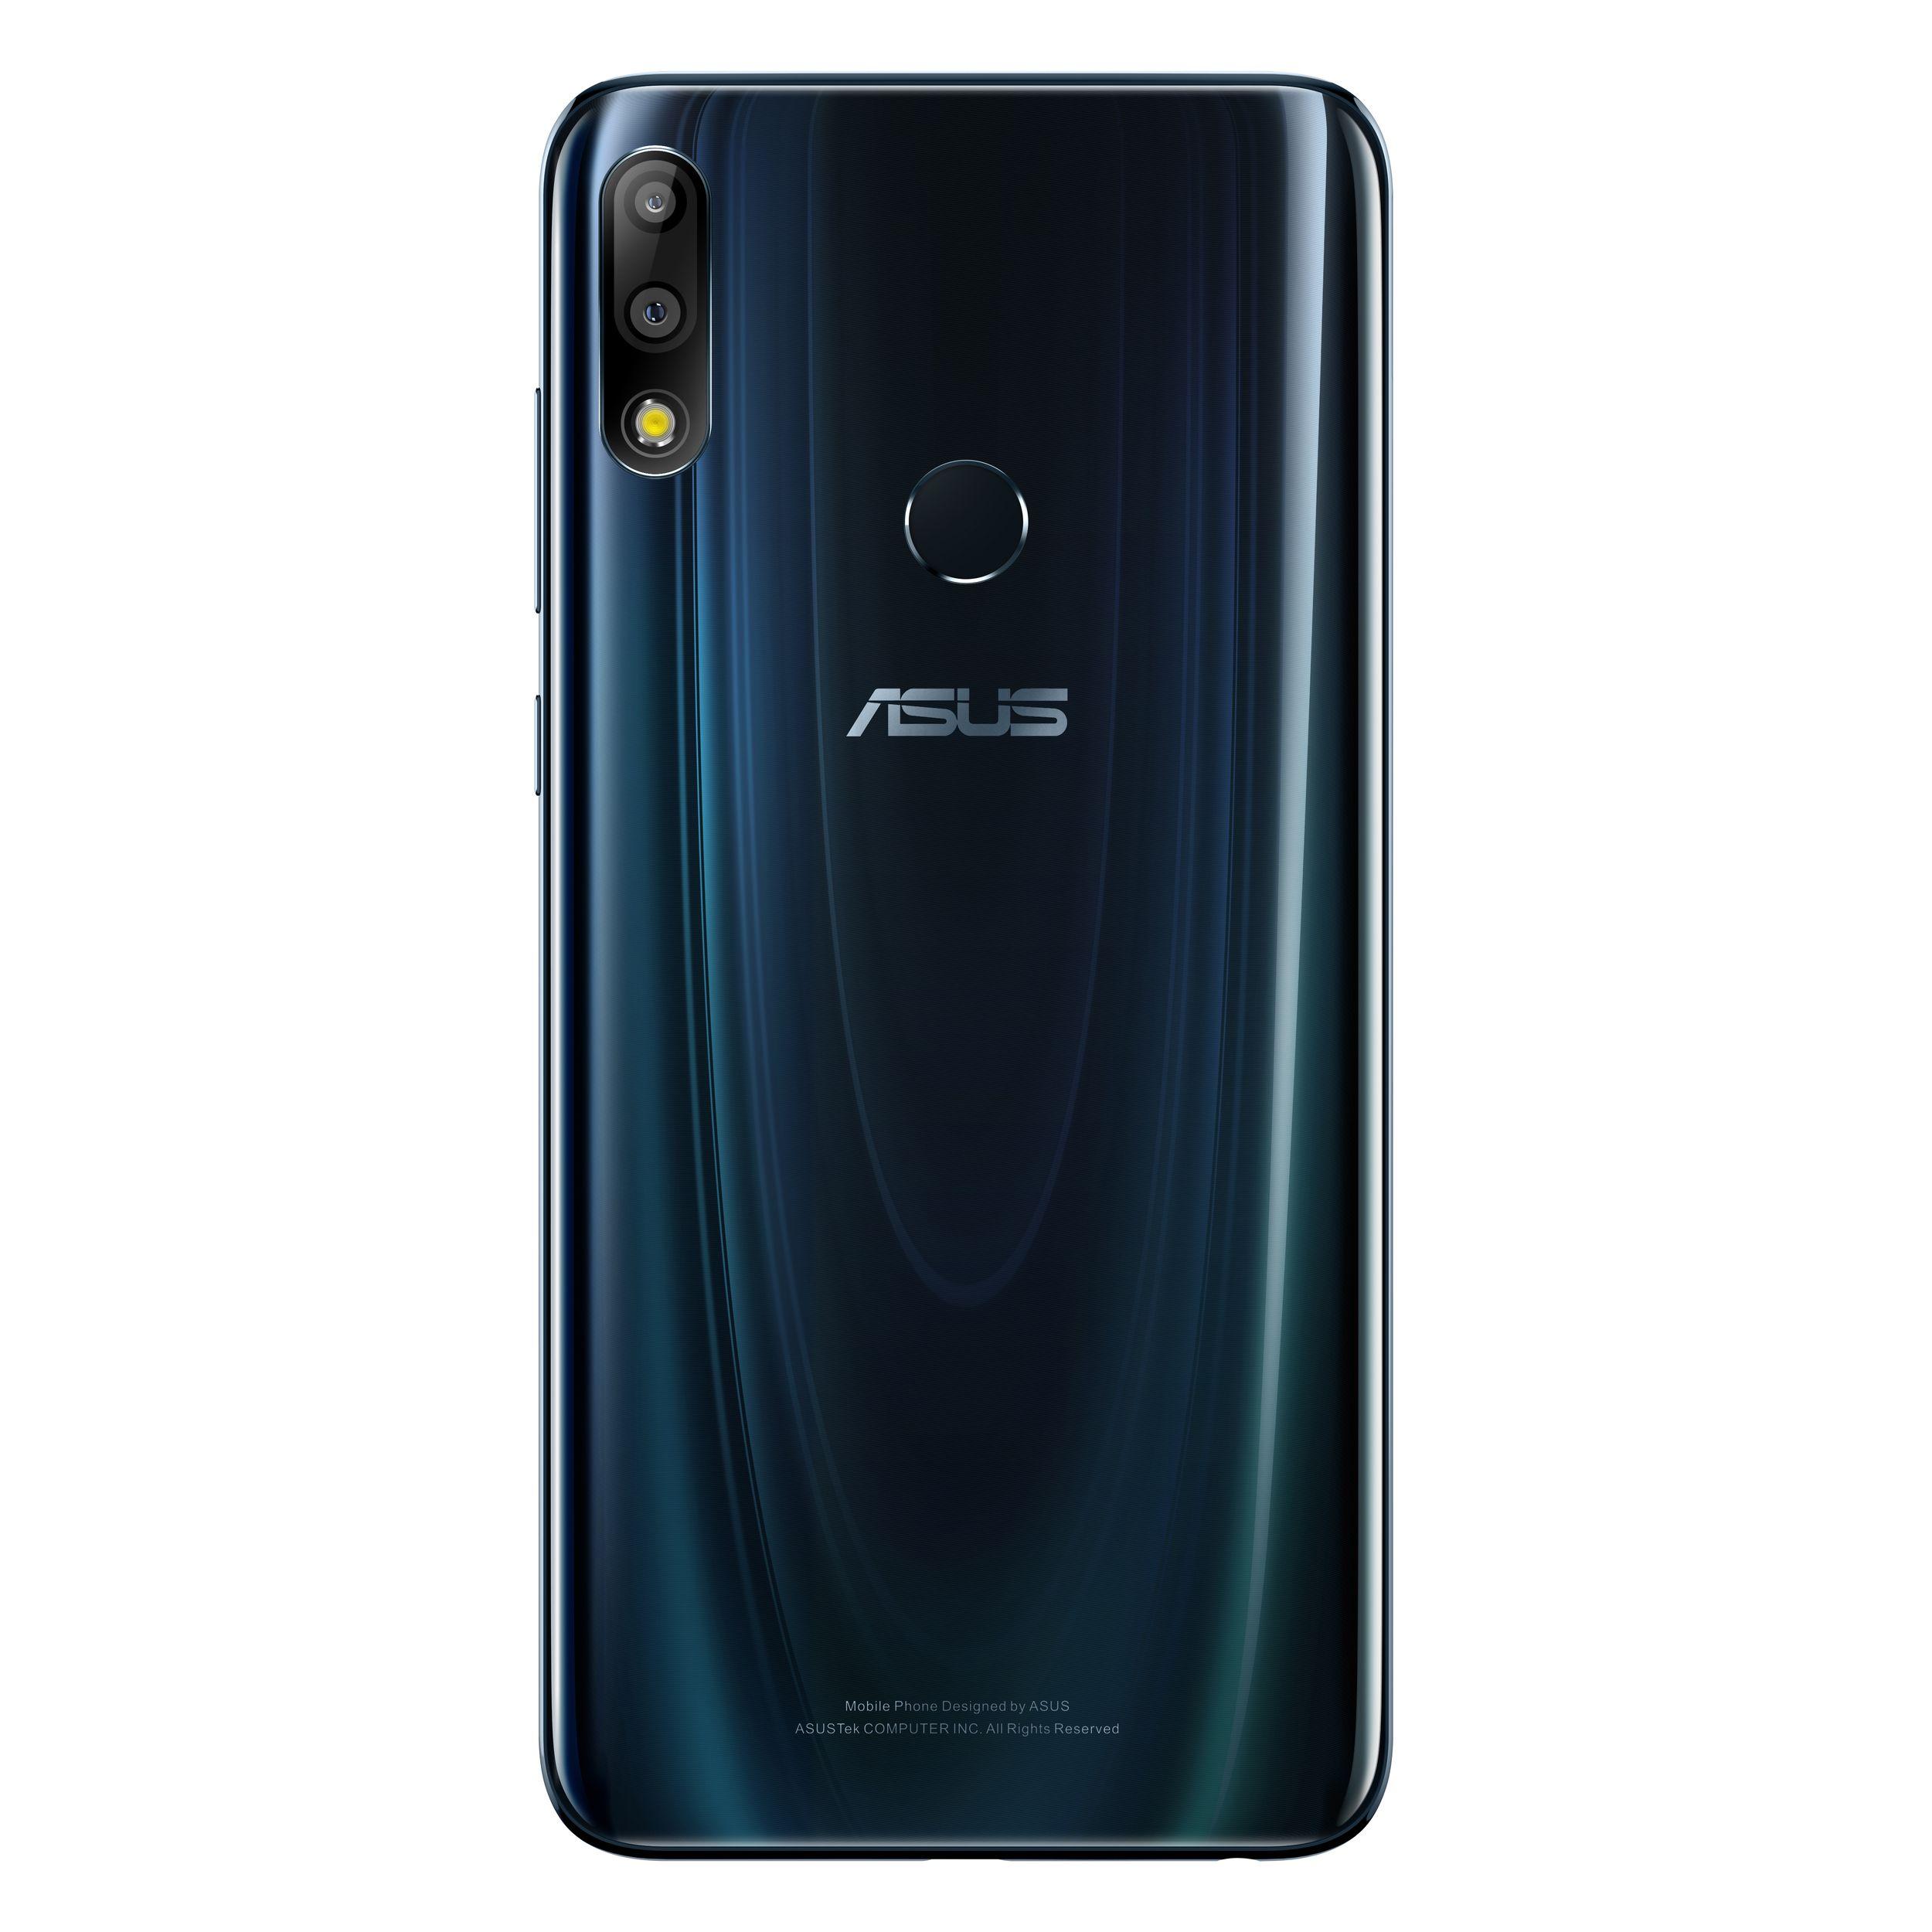 Asus Zenfone Max Pro M2 : le champion d'autonomie a un